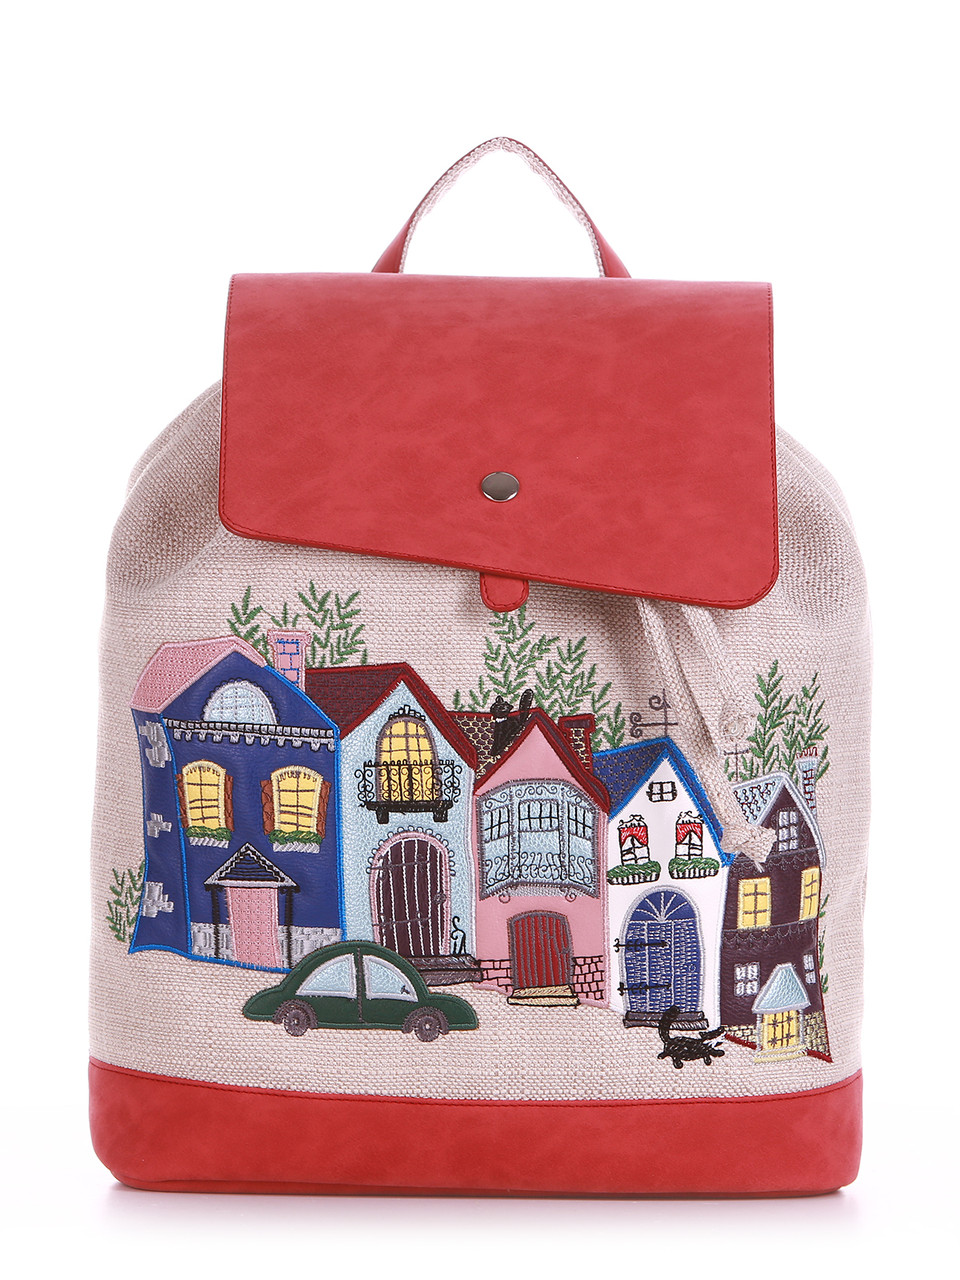 Стильный летний женский льняной рюкзак Alba Soboni / альба собони с аппликацией Город, домики